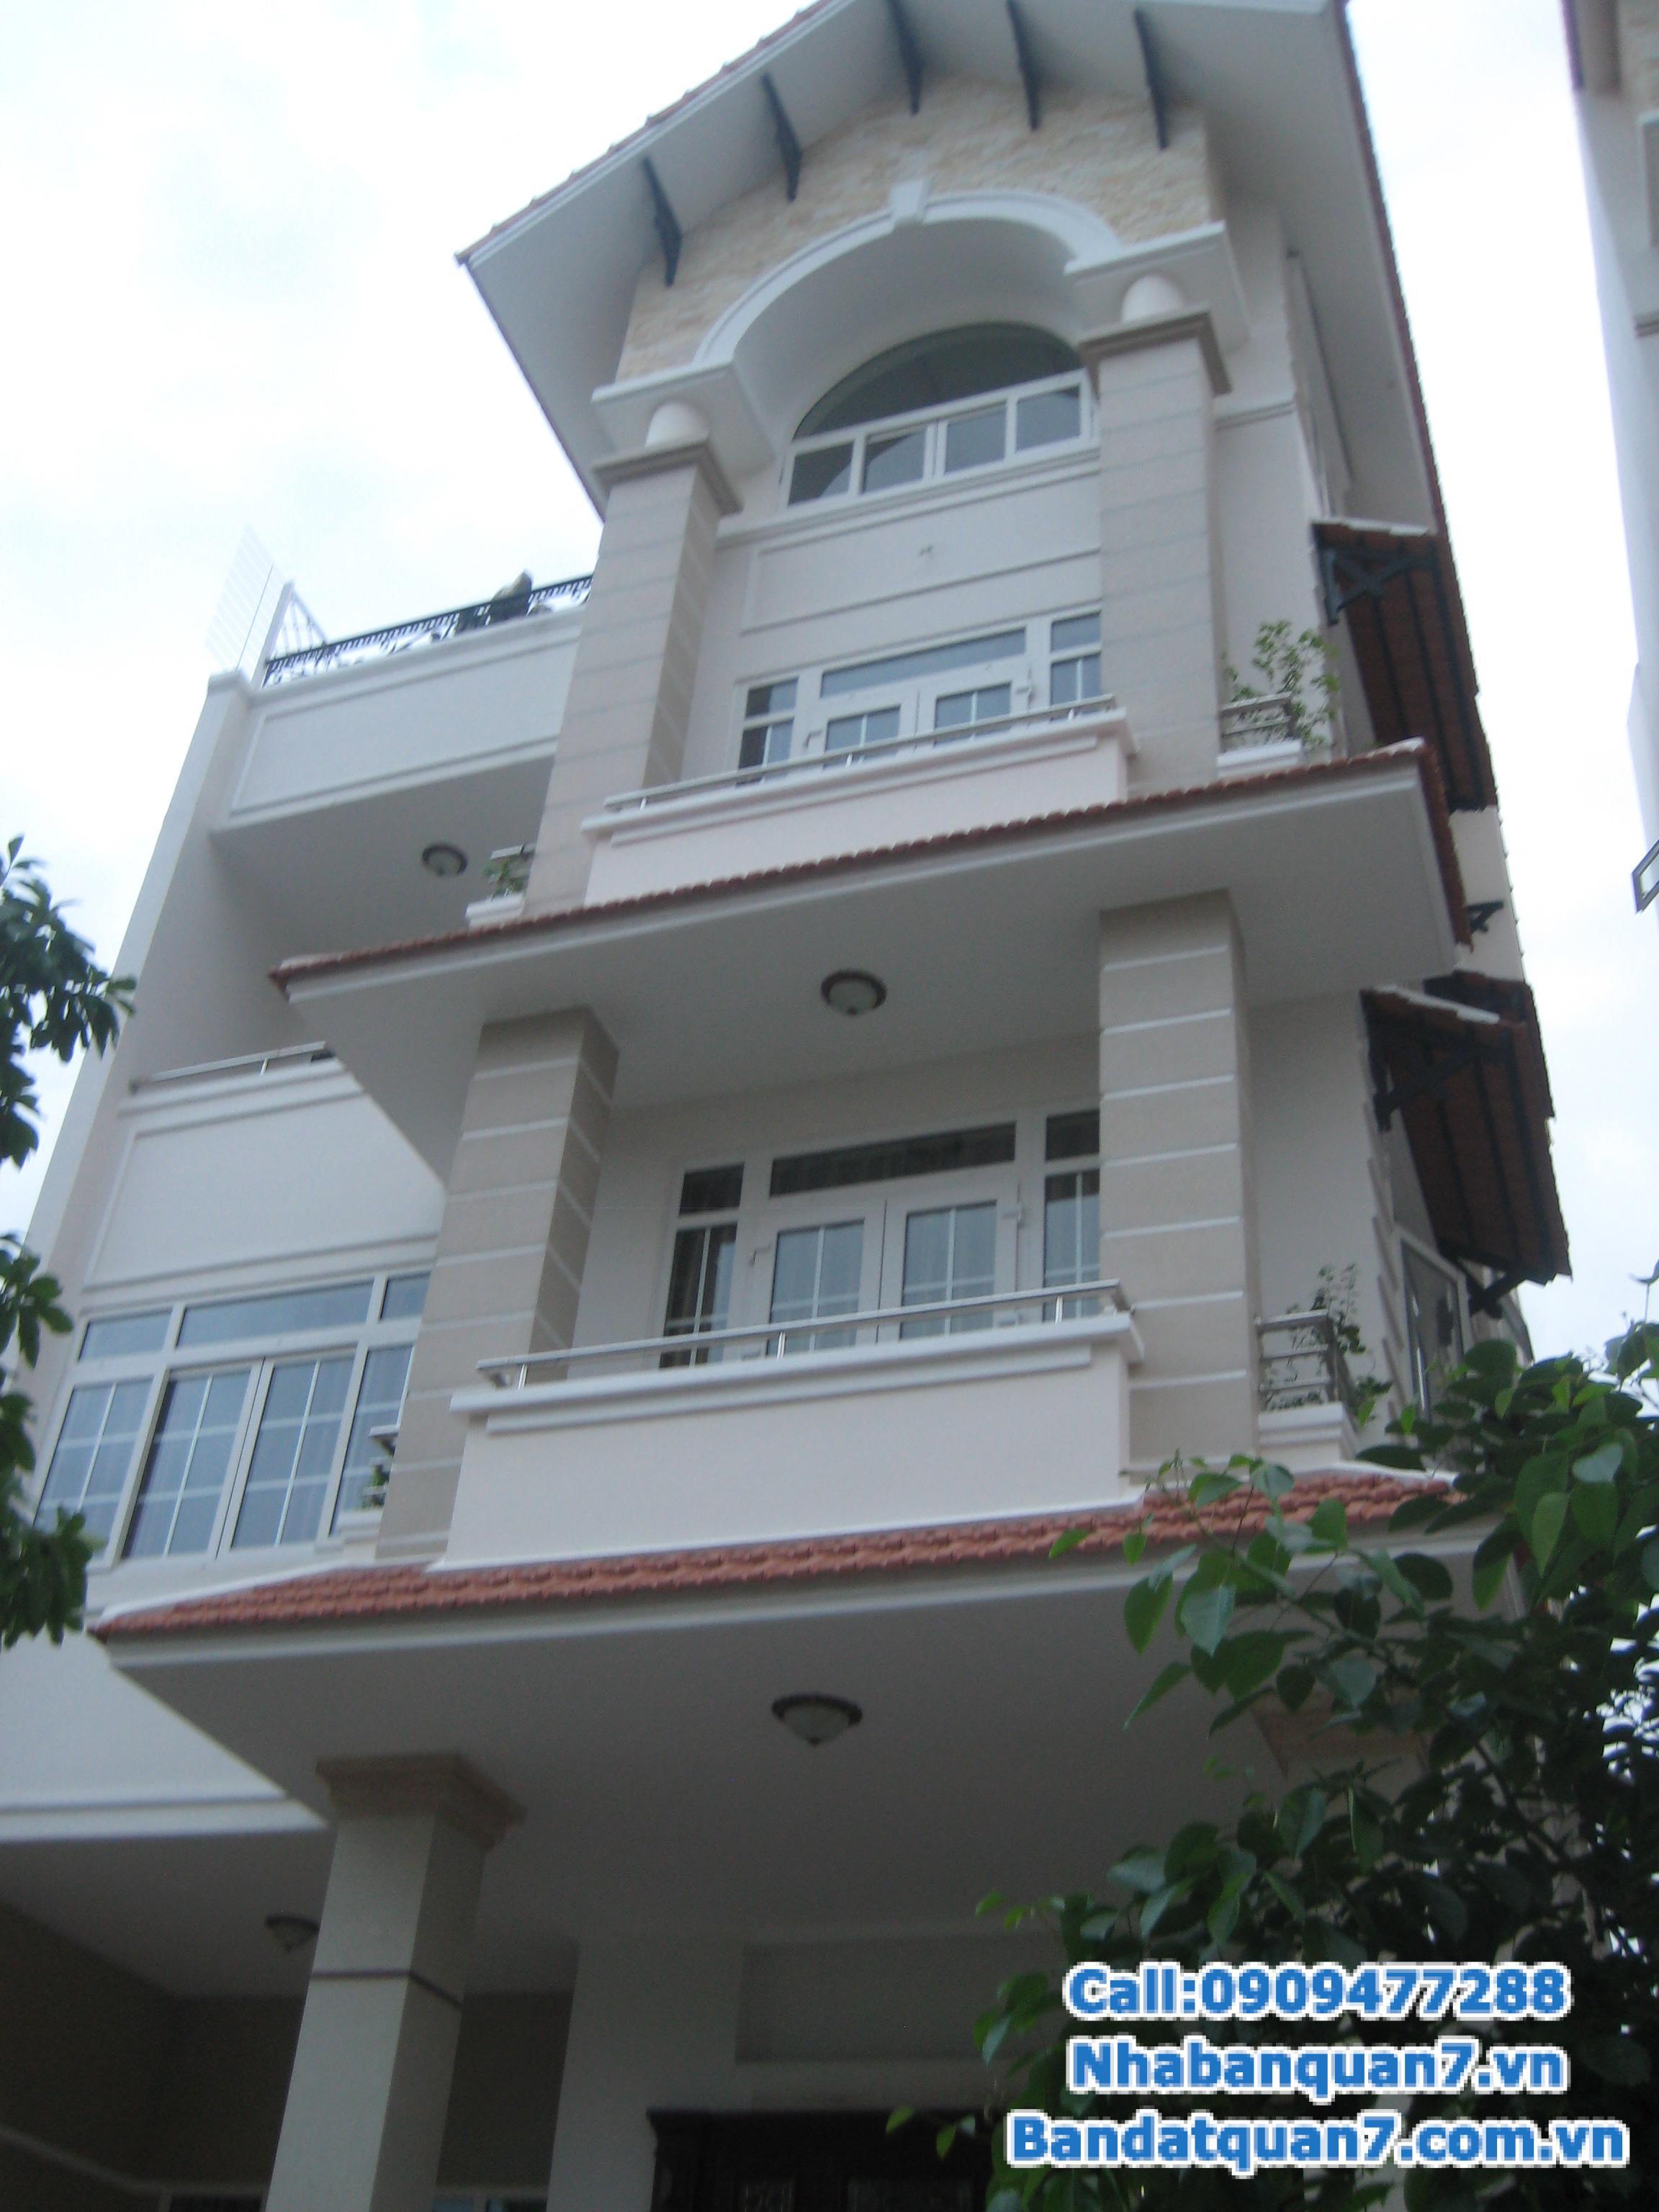 Bán nhà đường số khu Him Lam, giá rẻ 11 tỷ